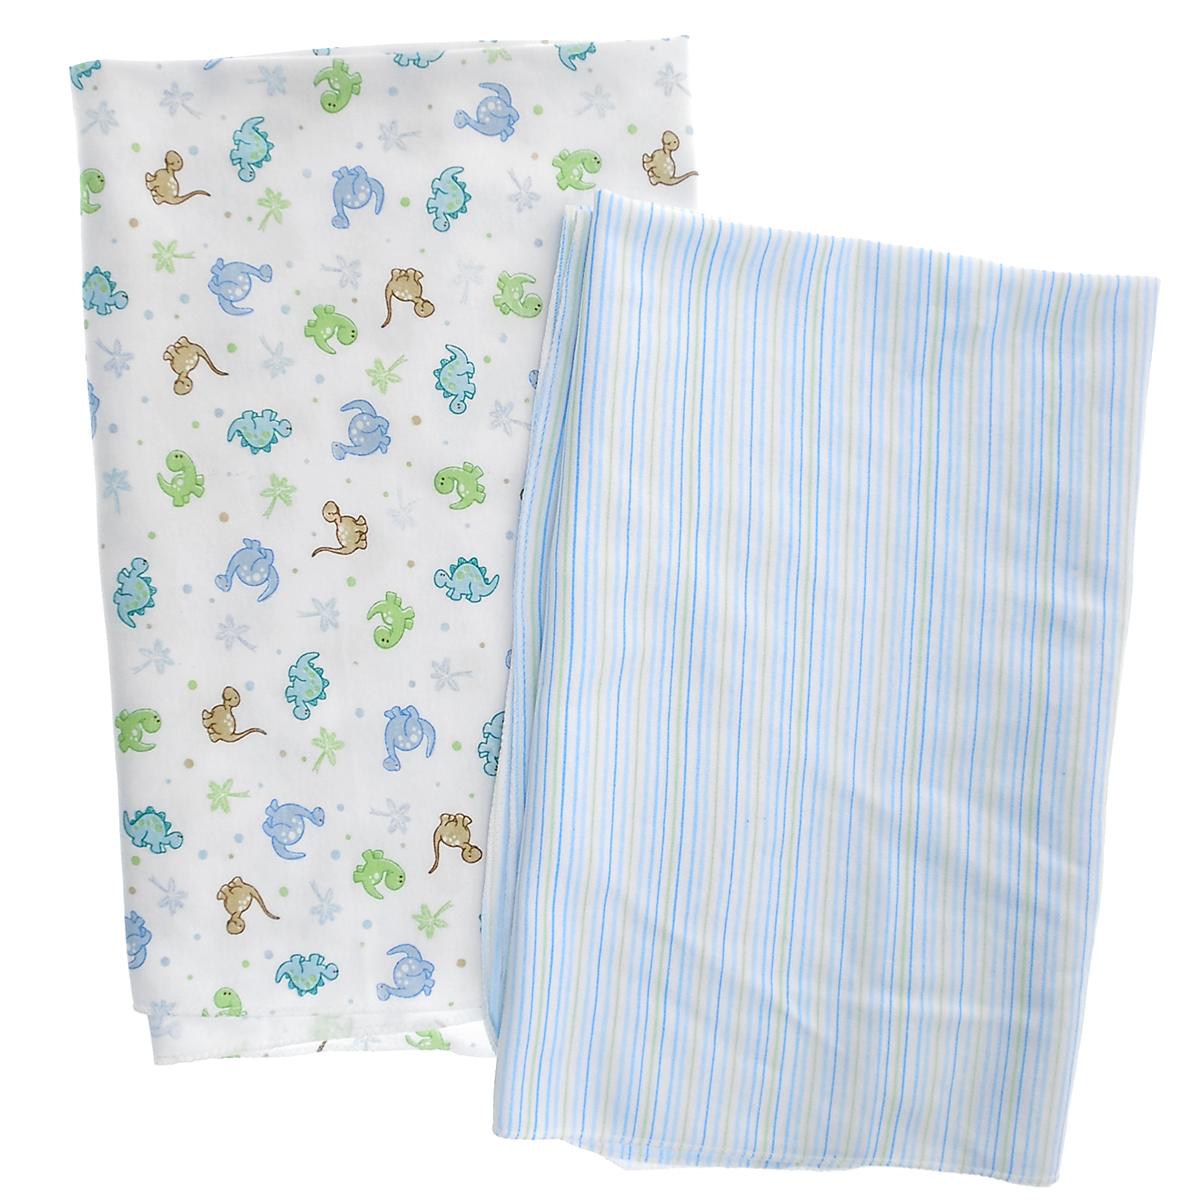 Набор пеленок Spasilk Дино, для мальчика, цвет: голубой, 76 см х 101 см, 2 штRB SWAD 02Набор пеленок для новорожденного Spasilk Дино станет незаменимым помощником в уходе за ребенком. Пеленку также можно использовать как легкое одеяло, простынку, полотенце после купания, солнечный козырек, накидку для кормления грудью или как согревающий компресс при коликах. Пеленки изготовлены из стопроцентного хлопка, благодаря чему они мягкие, приятные на ощупь и абсолютно безопасны для малыша. В набор входят две пеленки: в голубую и салатовую полоски и оформленная изображениями динозавриков. Характеристики: Материал: 100% хлопок. Размер пеленки: 76 см x 101 см. Изготовитель: Китай.